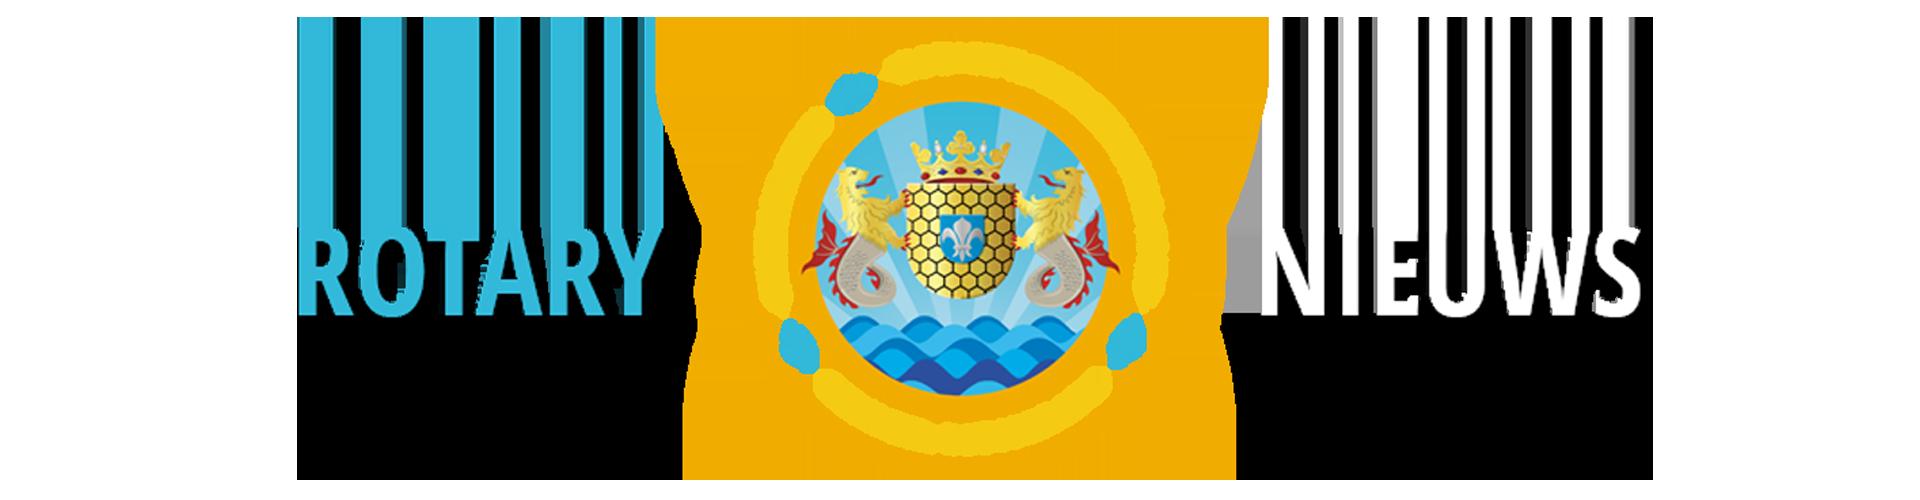 Nieuws, News, Lokaal nieuws, nieuws Lelystad, Rotary nieuws, Rotary NewsRotary, Rotary Lelystad, Rotary club Lelystad, Lelystad, District 1590, Rotary International